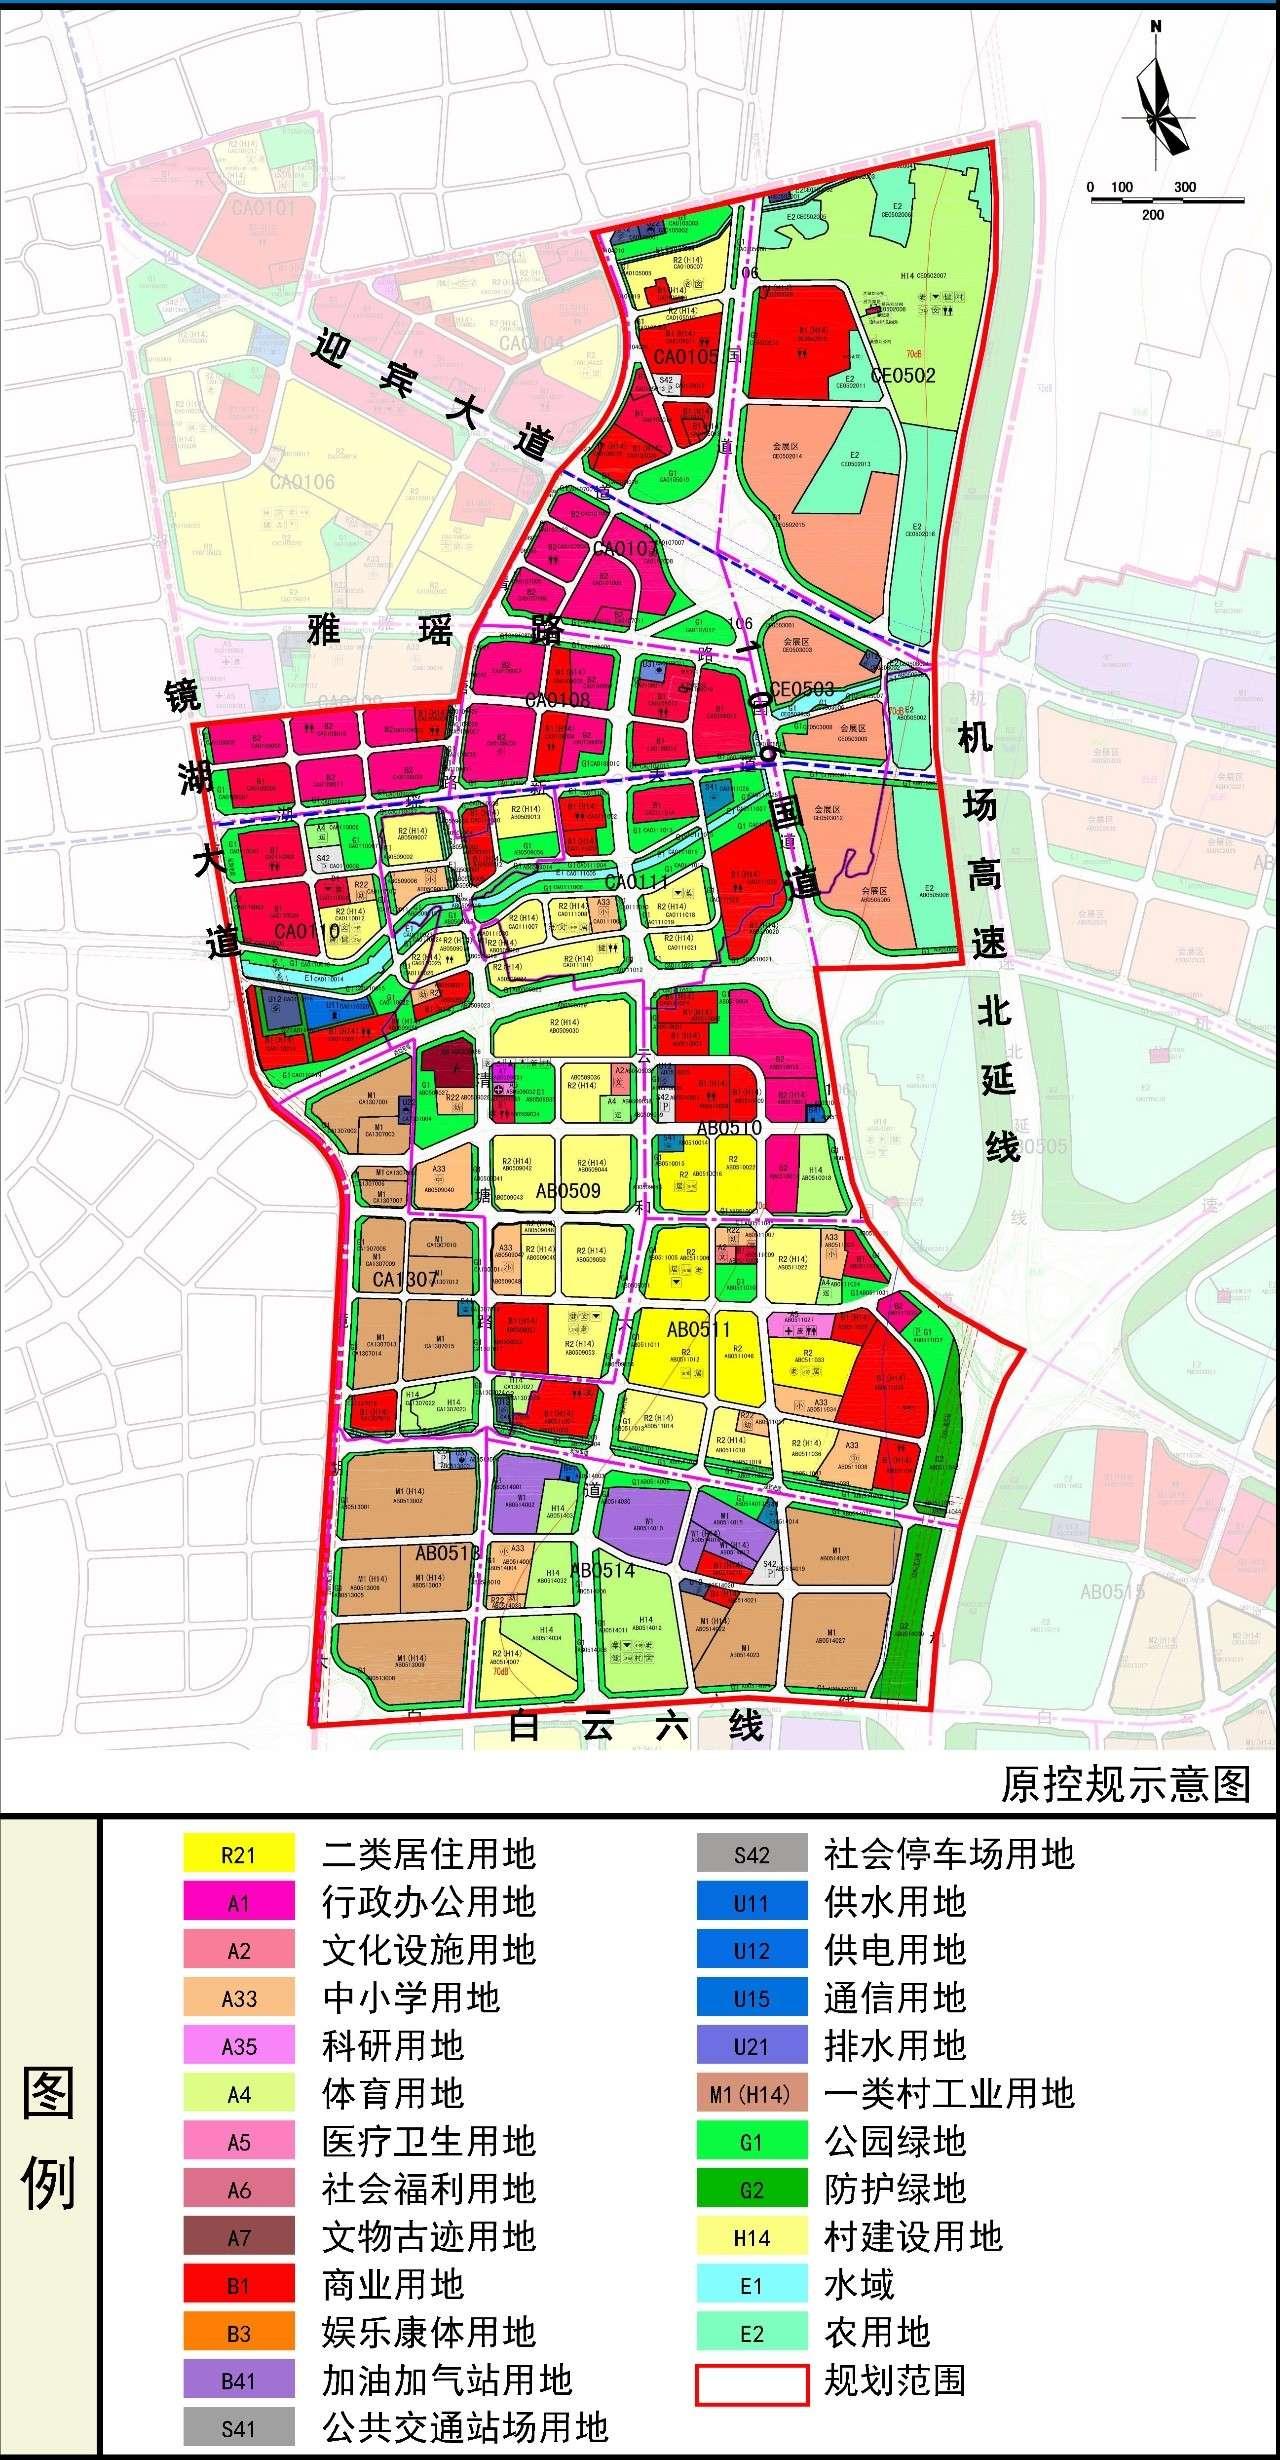 航空枢纽 广州空港经济区规划将修改 又一座CBD